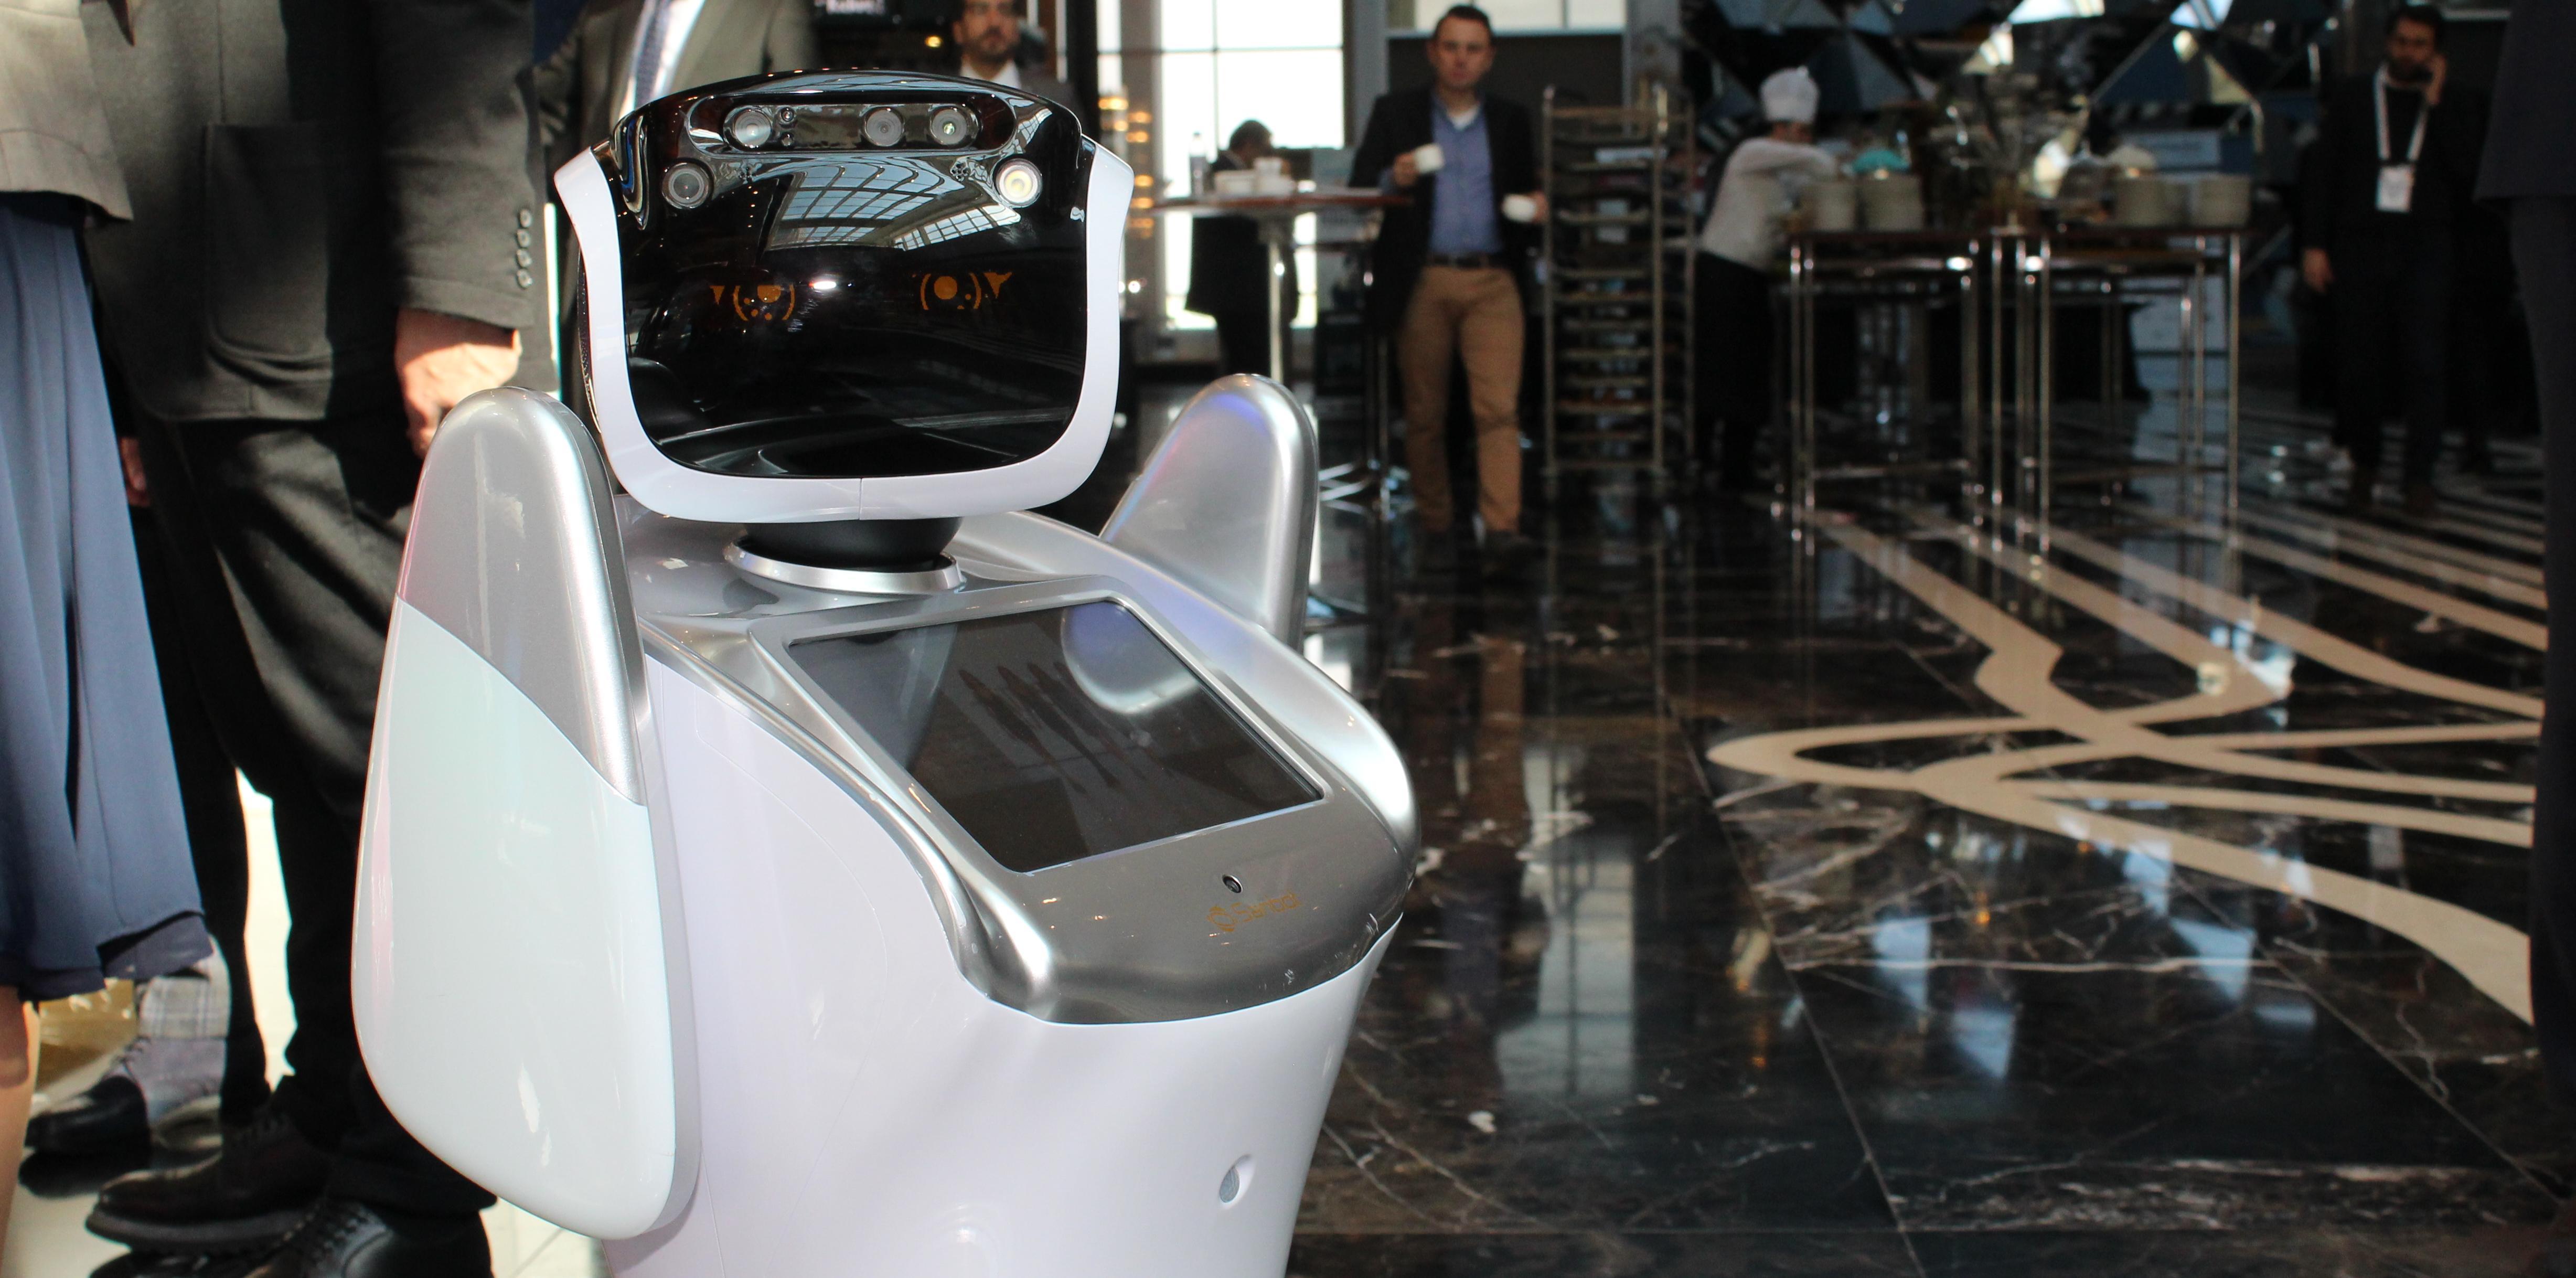 Sanbot Robot  X. AVM Yatırımları Konferansı'nın yıldızı oldu